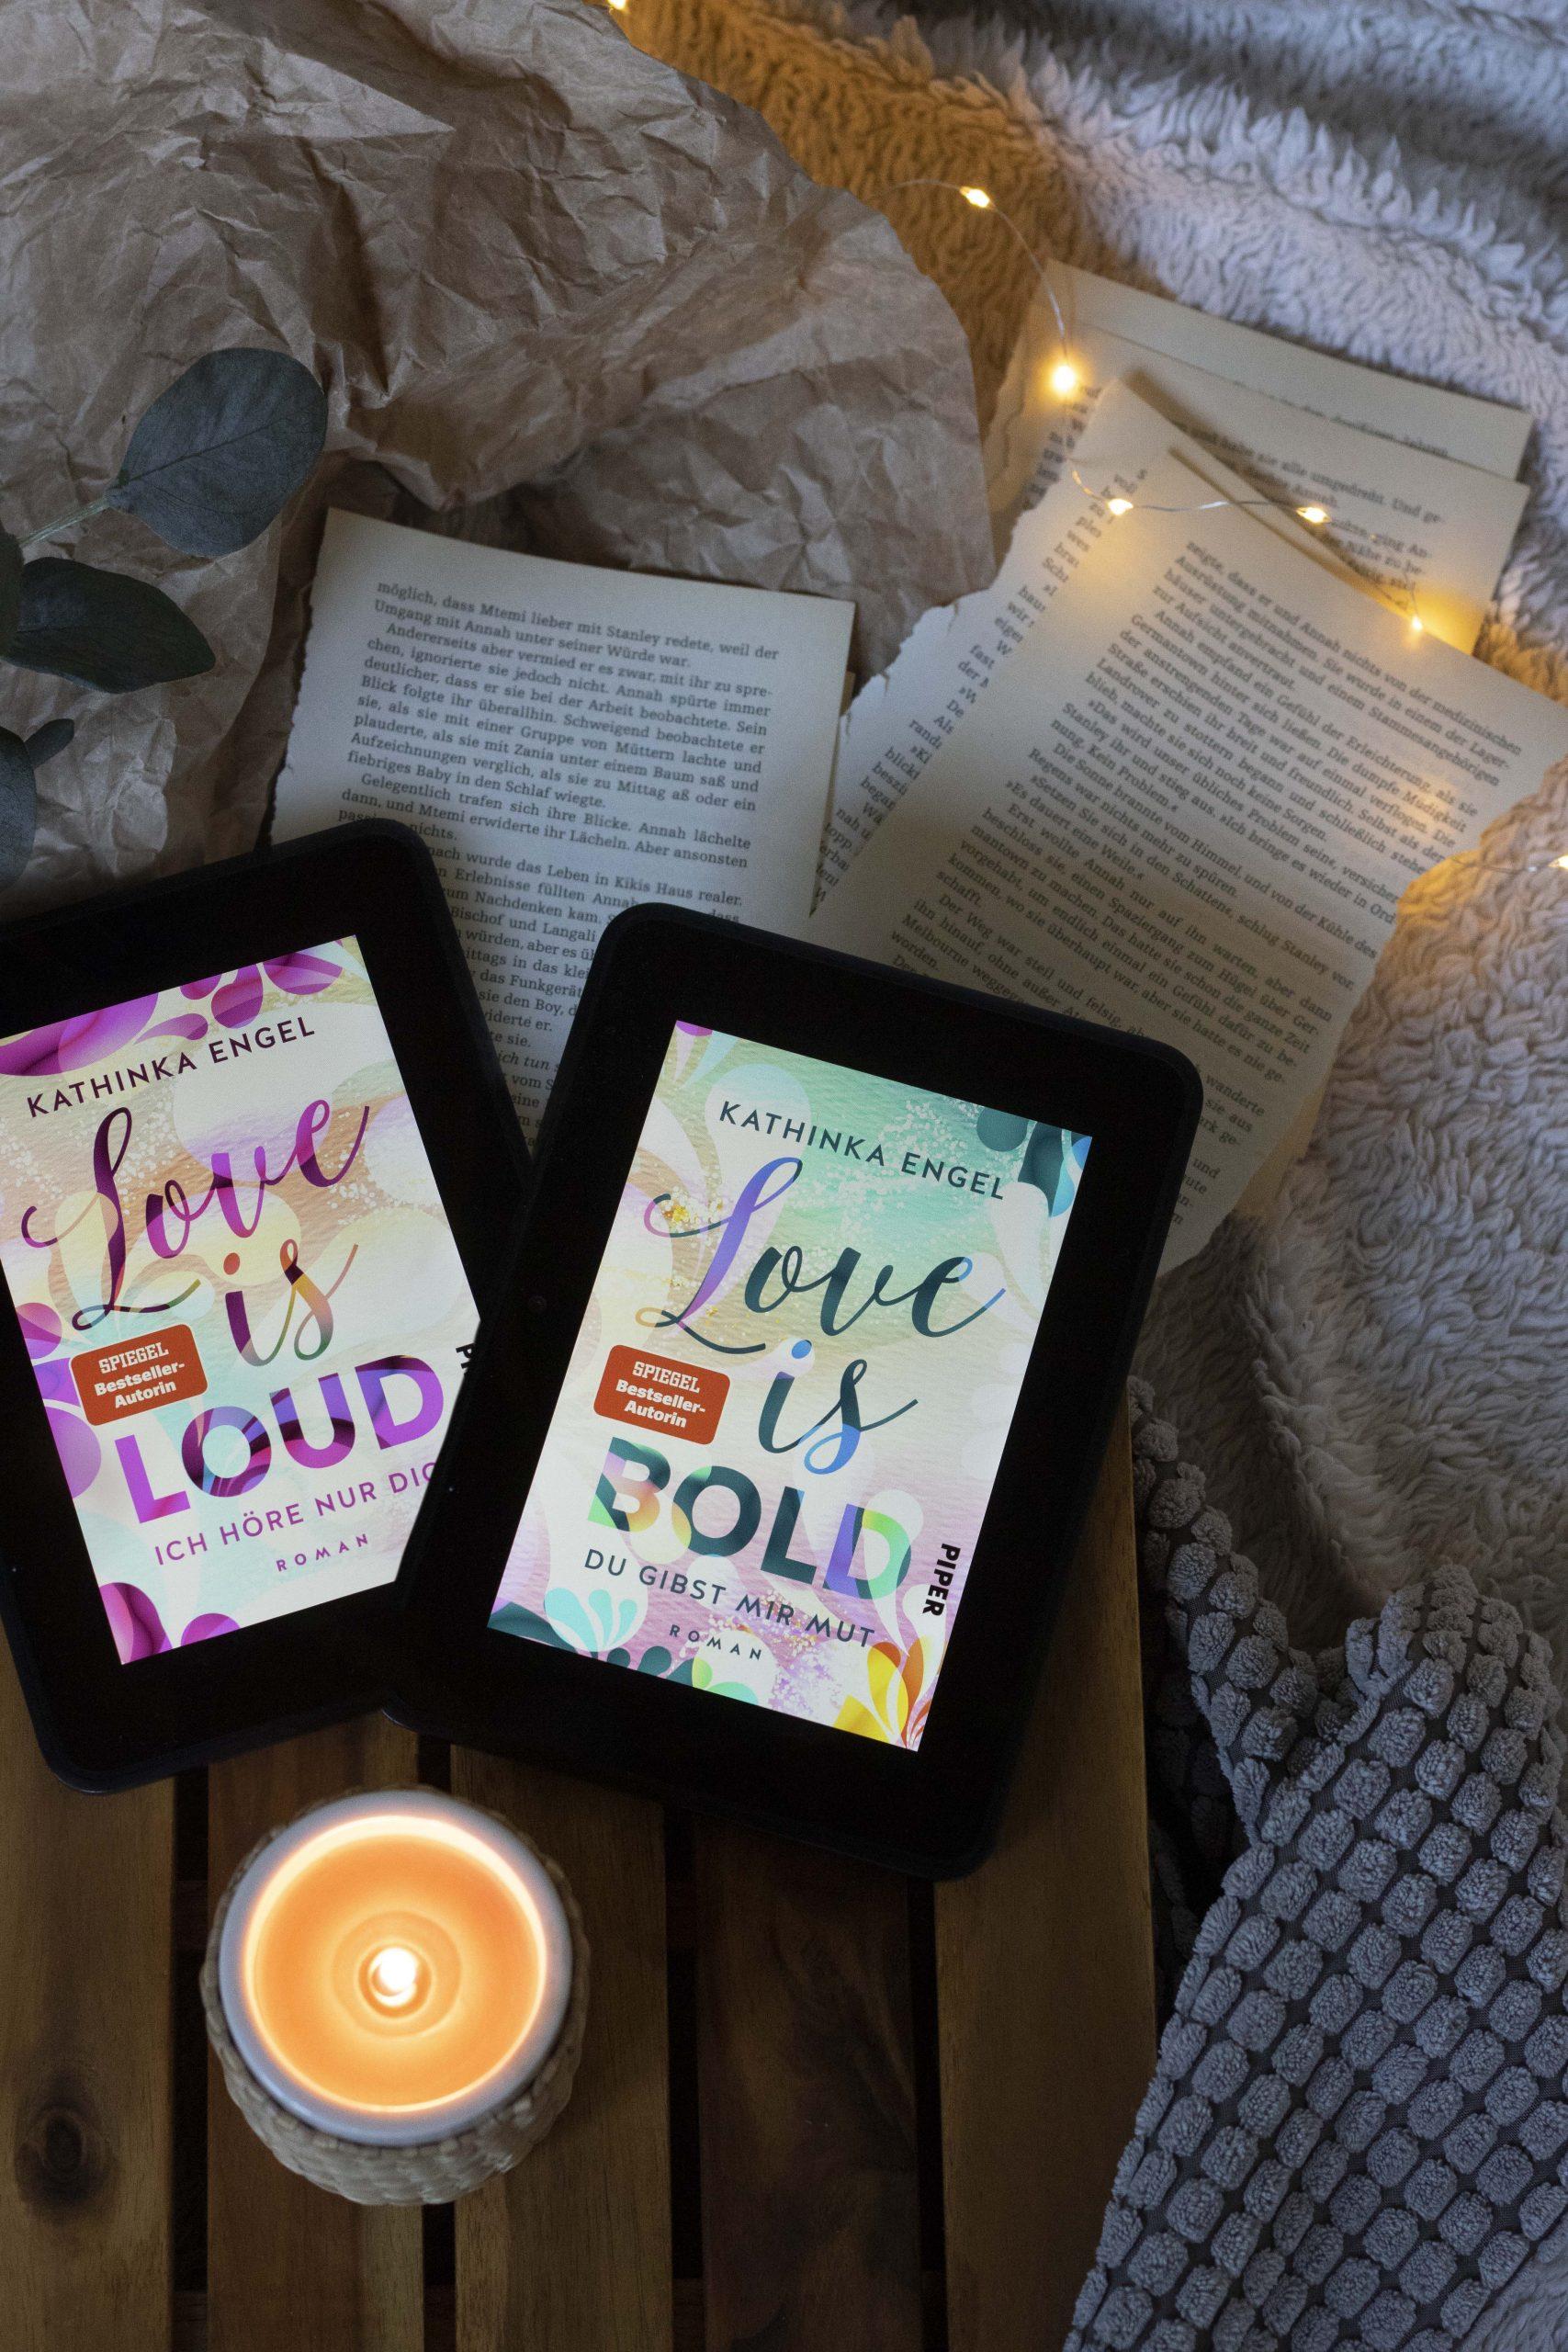 Love is Loud – Ich höre nur dich | Kathinka Engel